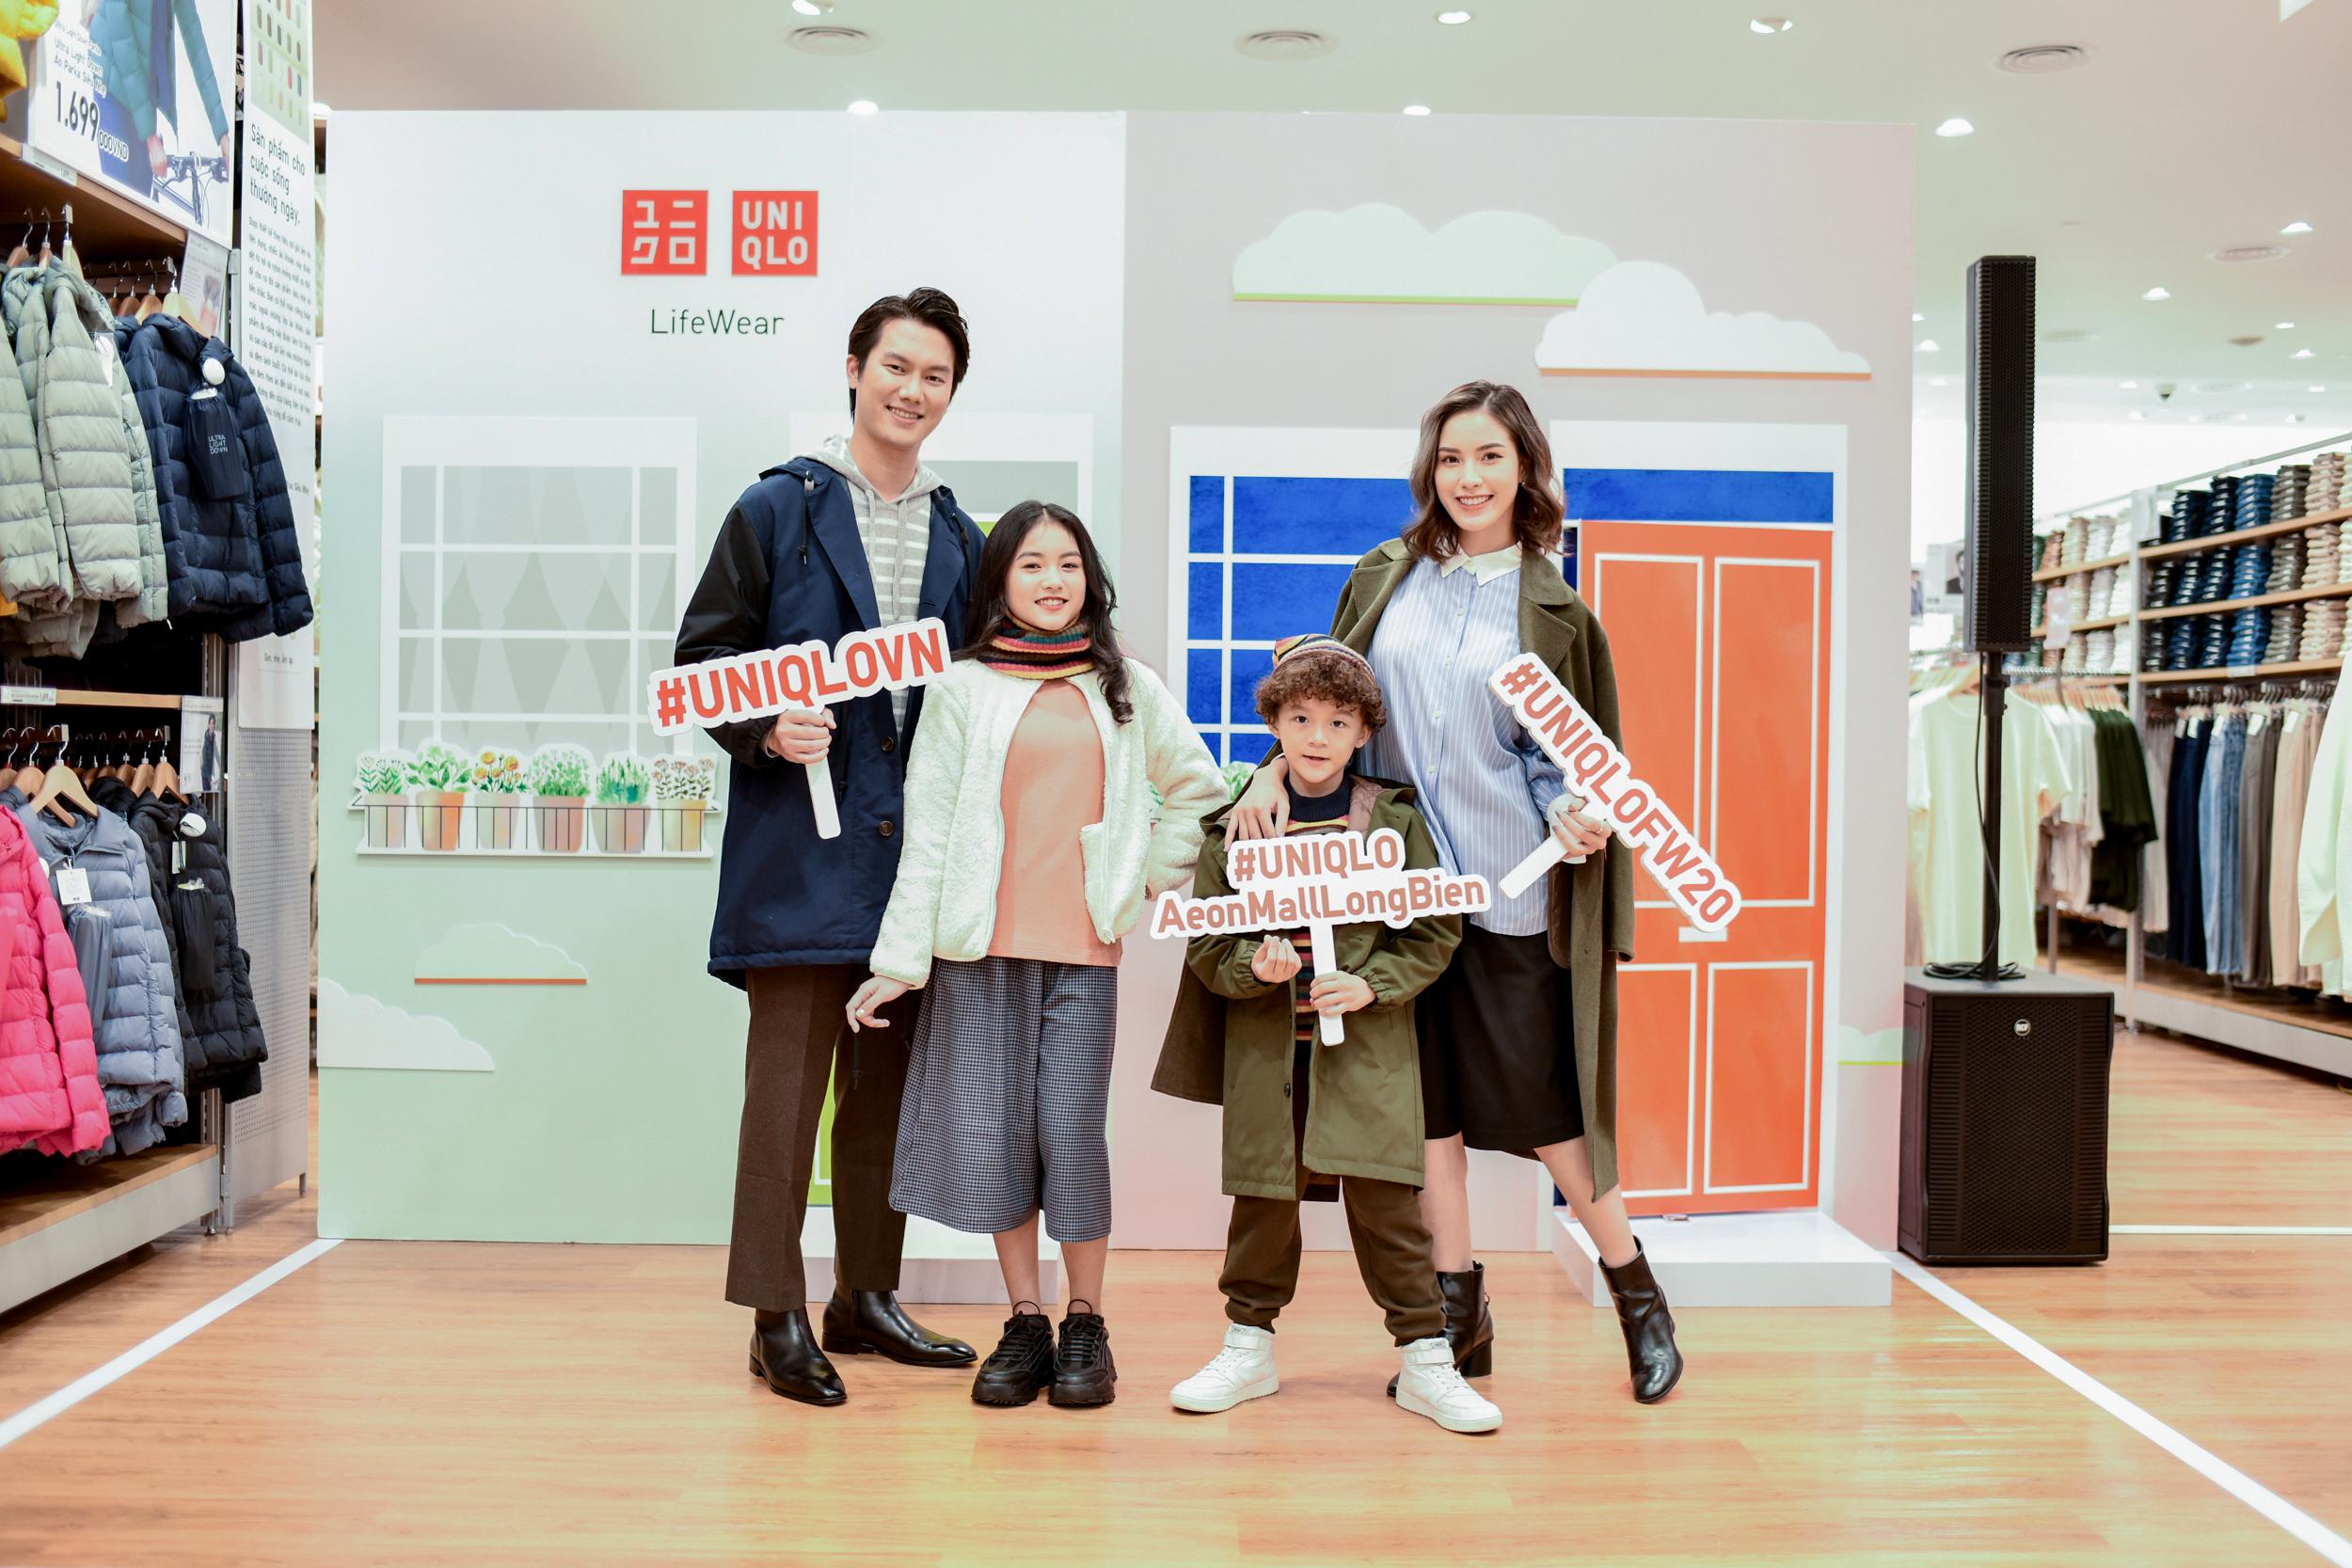 Á hậu Thụy Vân và gia đình diễn viên Mạnh Tường dự khai trước store thứ 3 của UNIQLO tại Hà Nội - Ảnh 2.